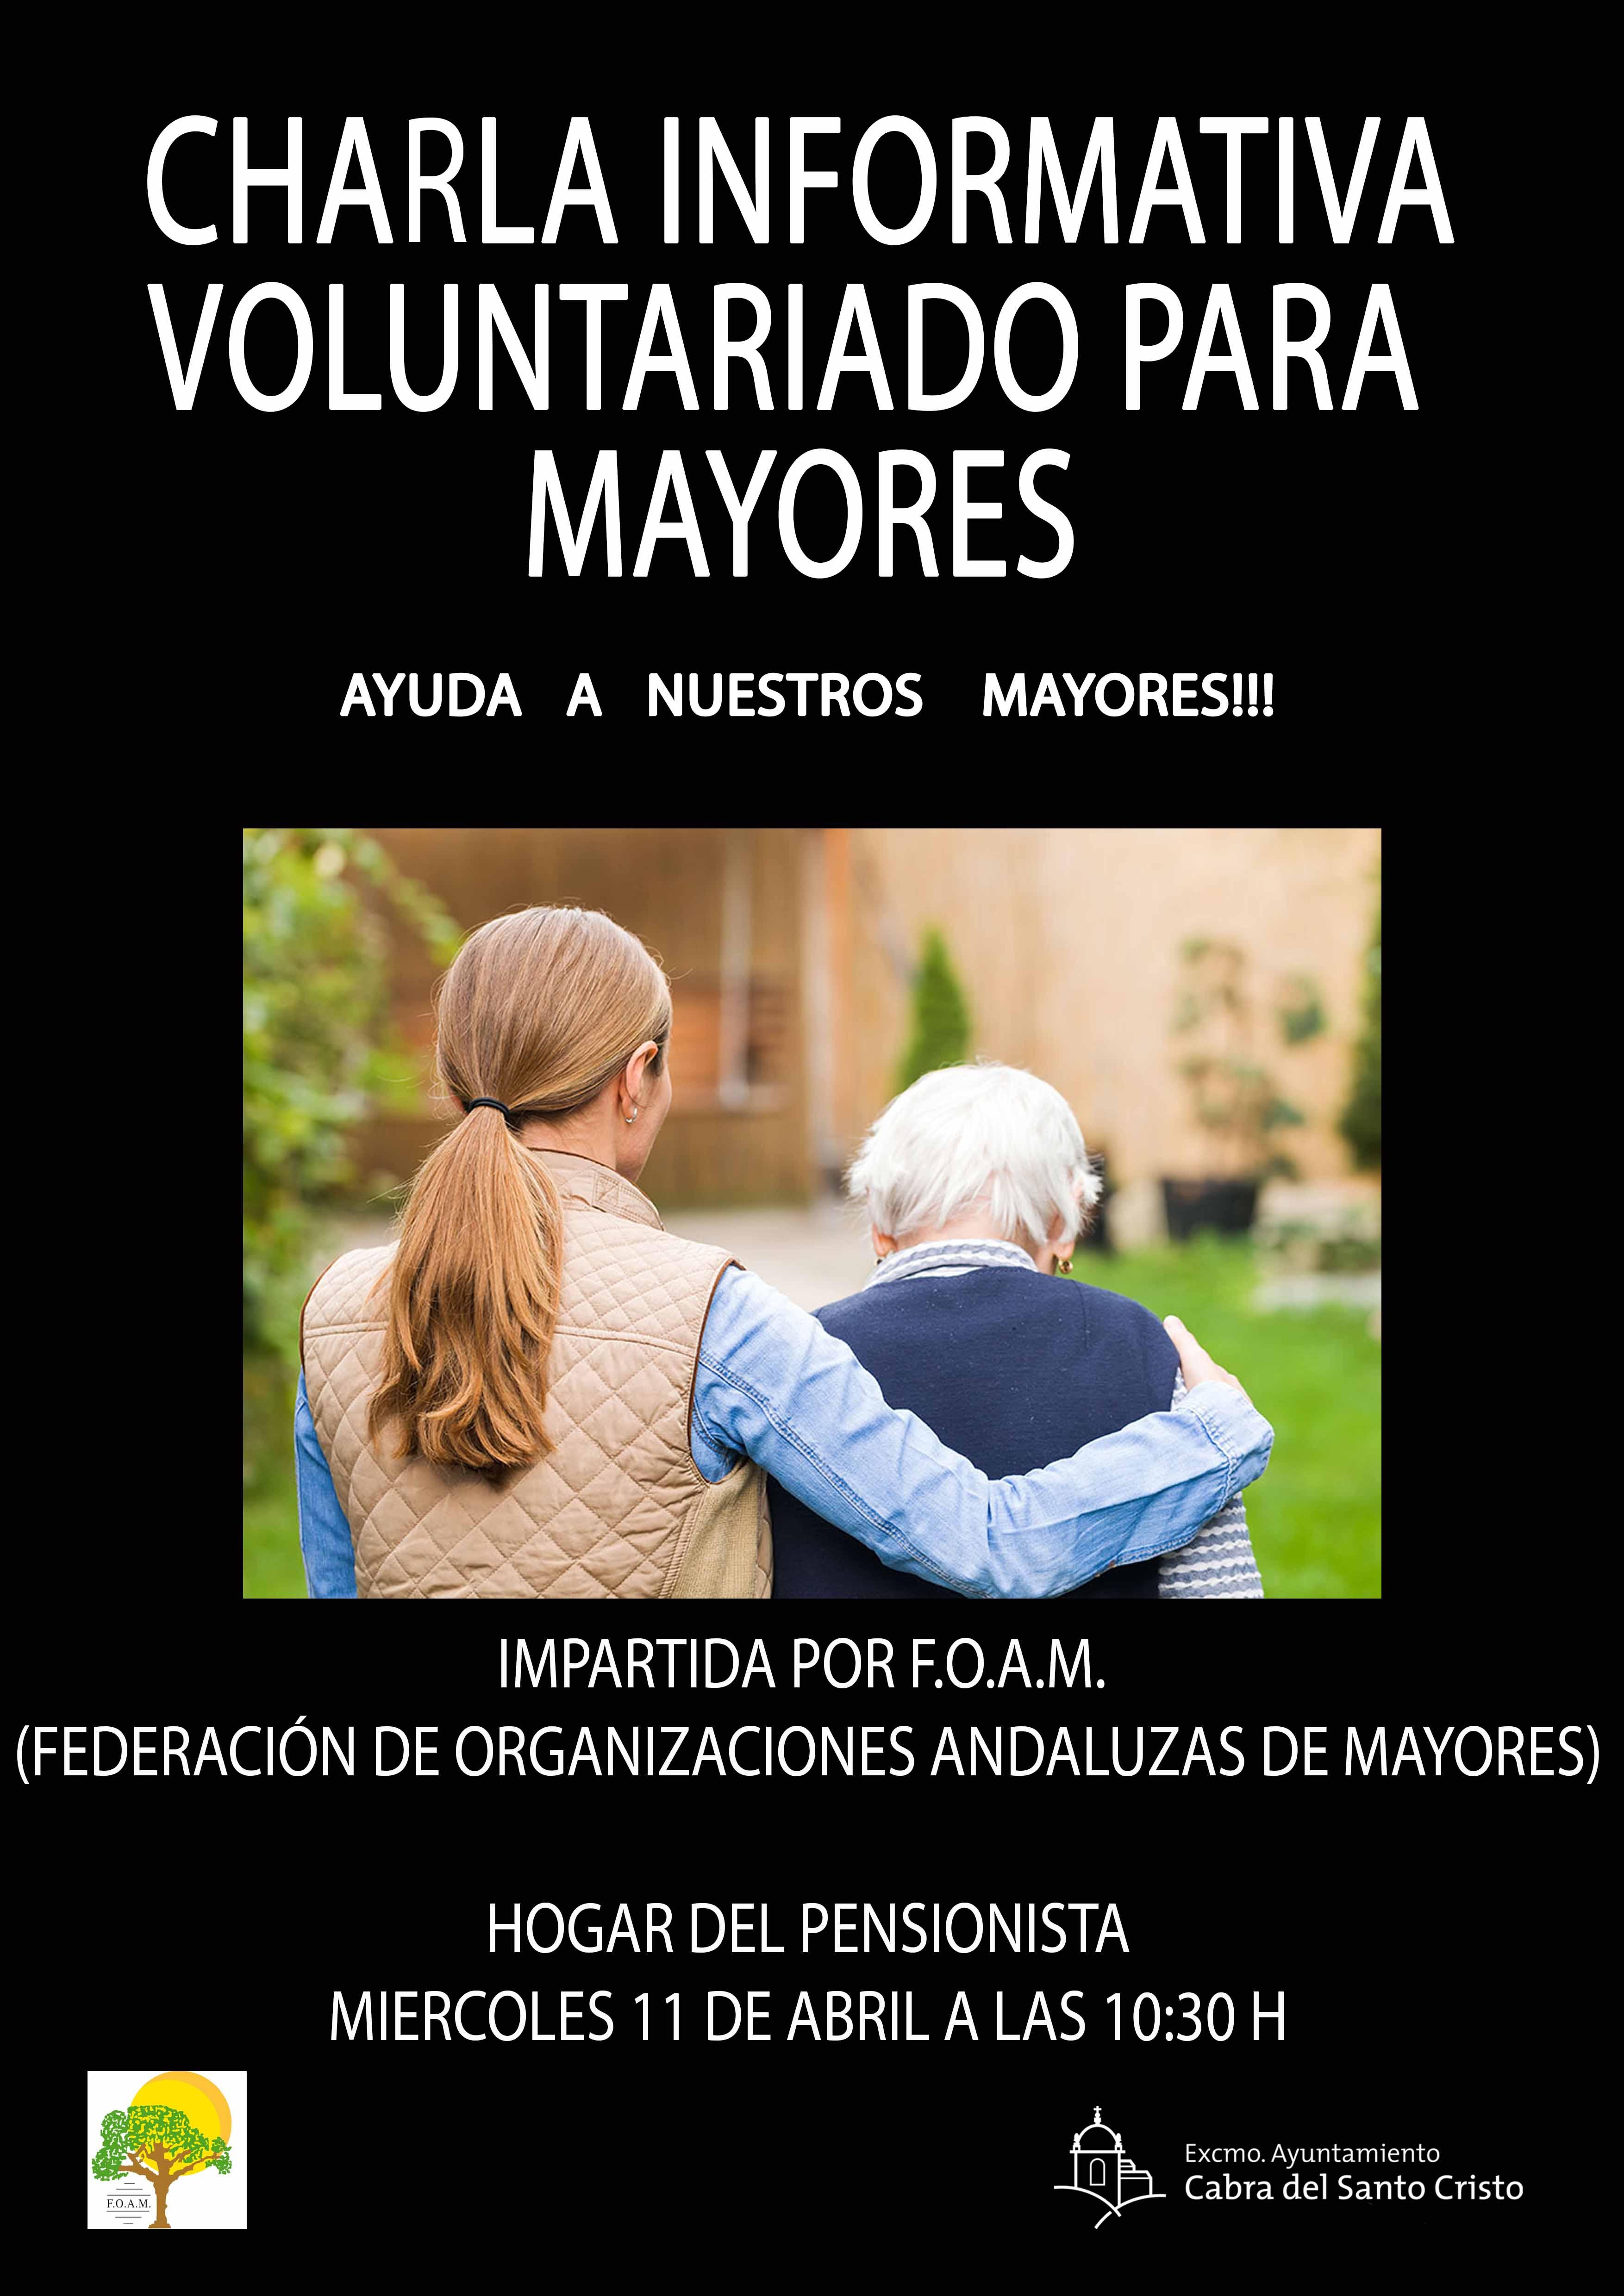 Charla informativa sobre voluntariado para mayores